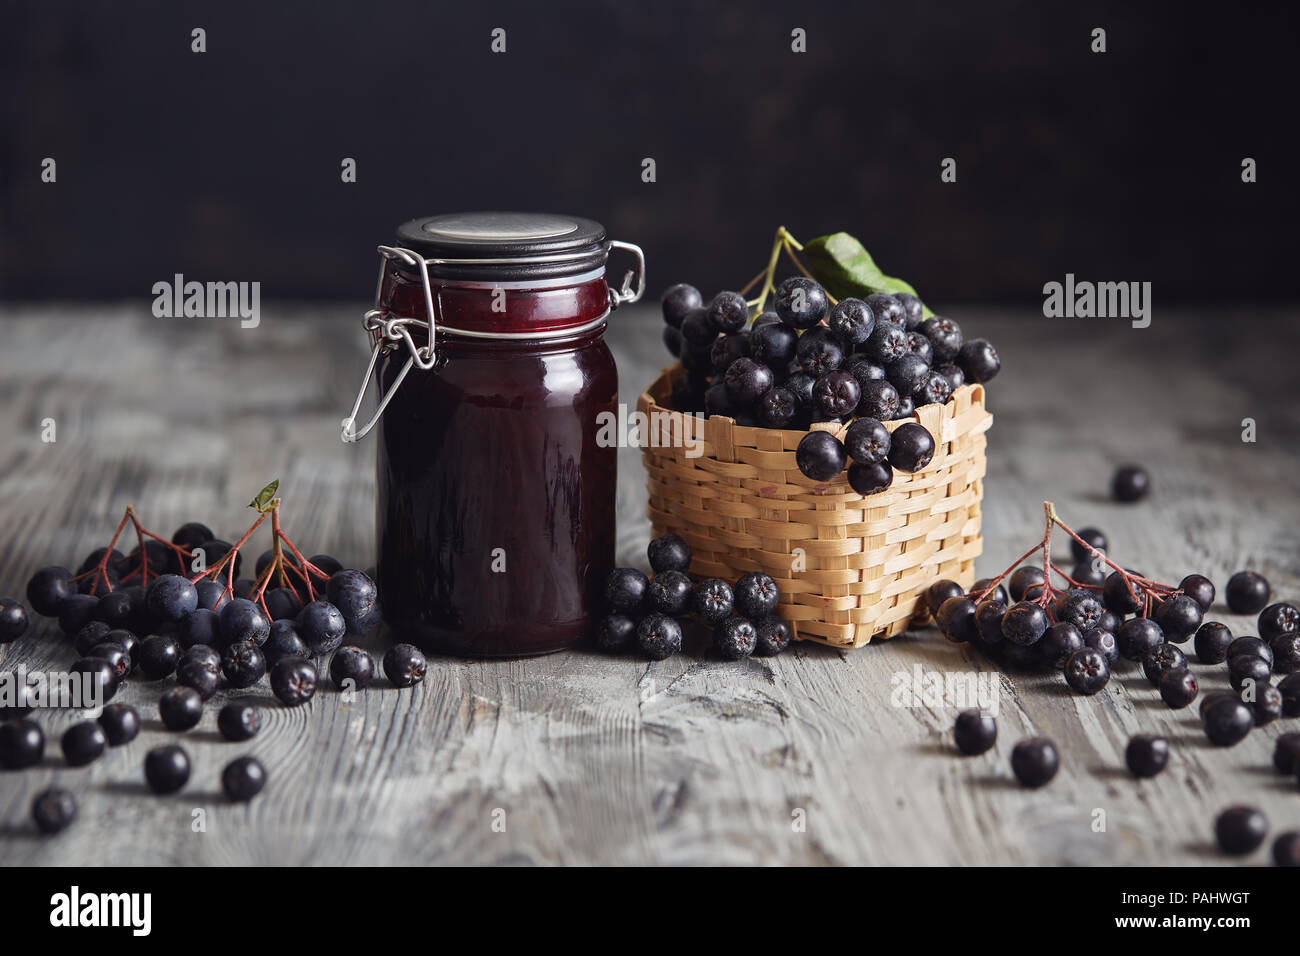 Aronia Konfitüre neben frischen Beeren. Hausgemachte aronia Marmelade im Glas Glas mit frischem Aronia Beeren auf Holztisch. Stockbild